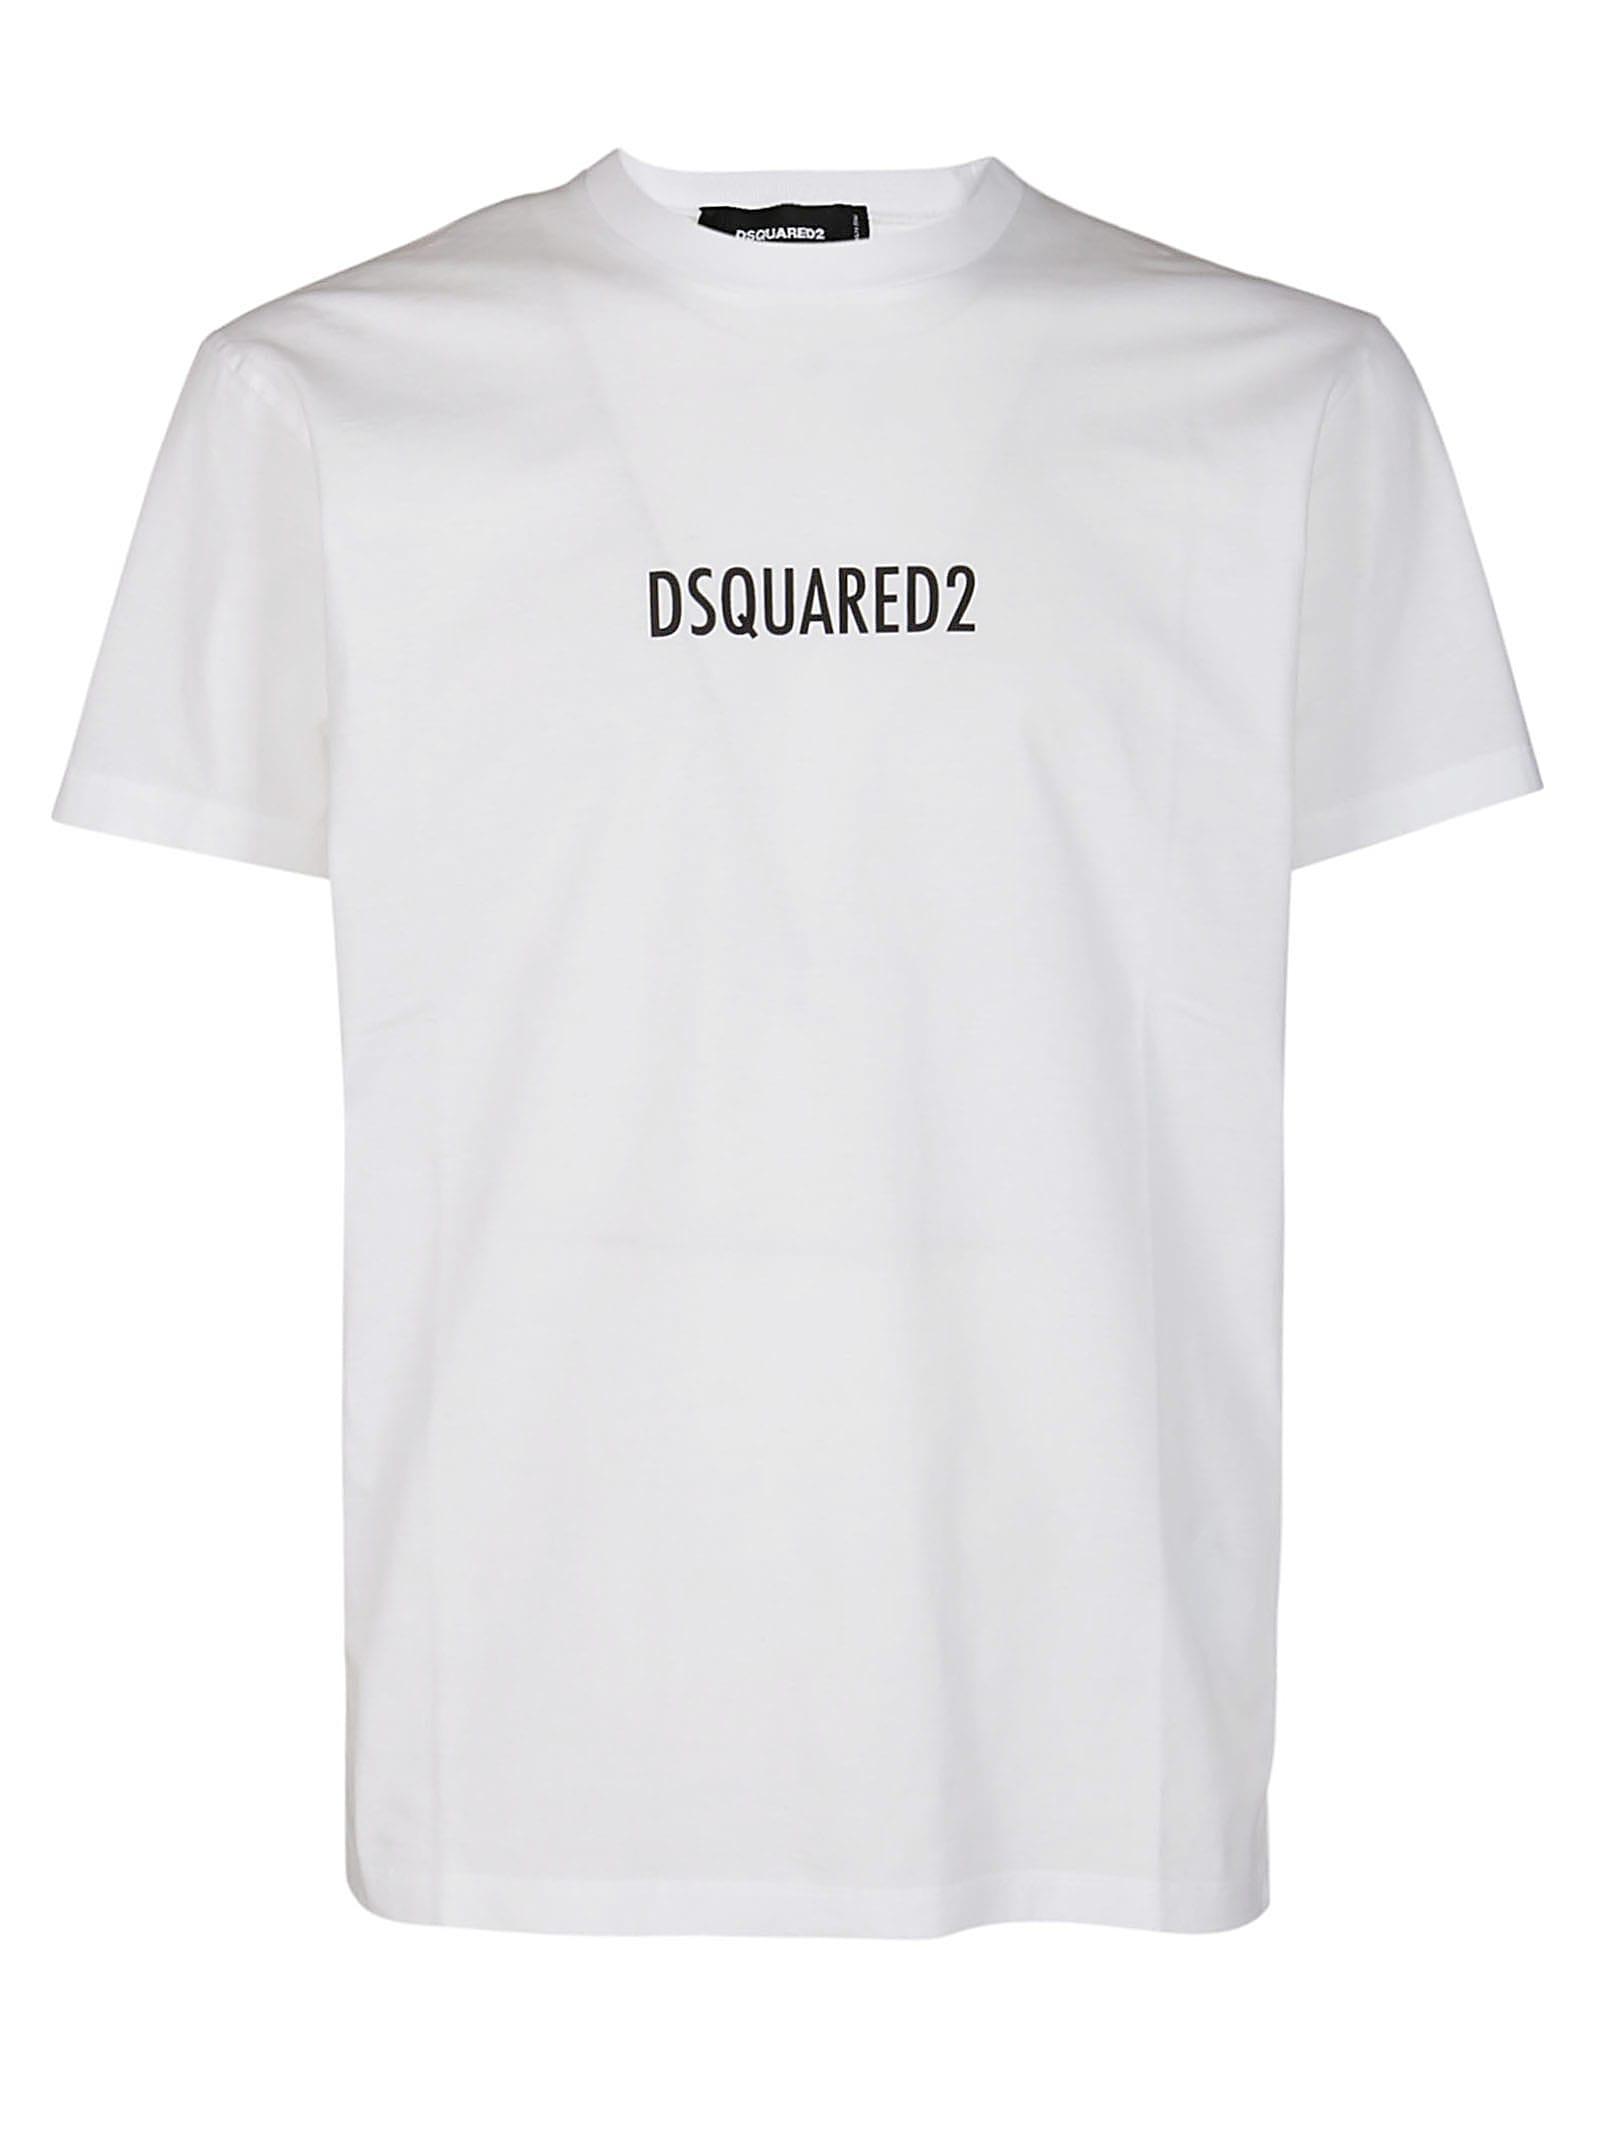 Dsquared2 Cottons WHITE COTTON T-SHIRT